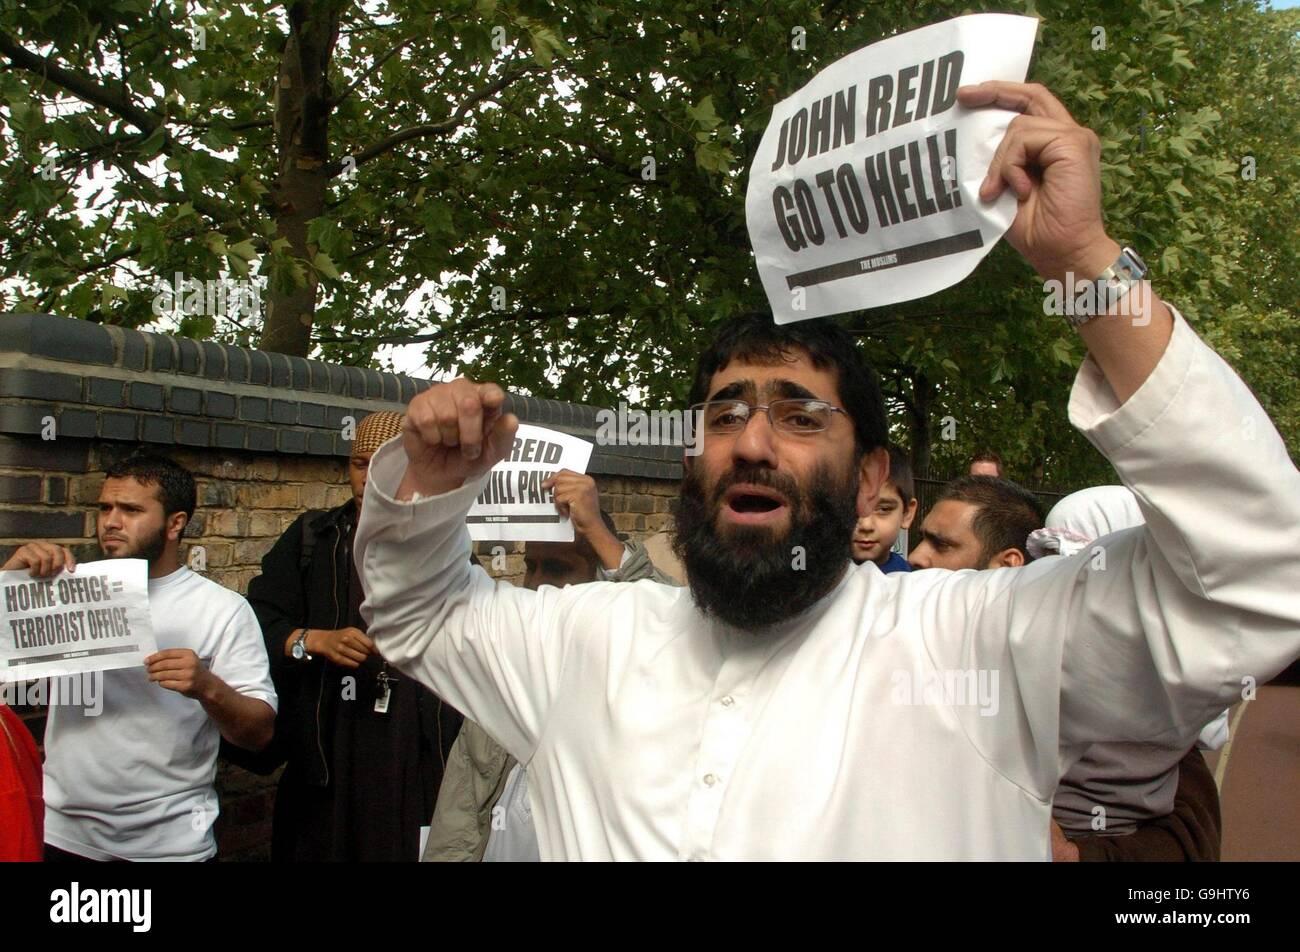 John Reid speech to Muslim audience Stock Photo